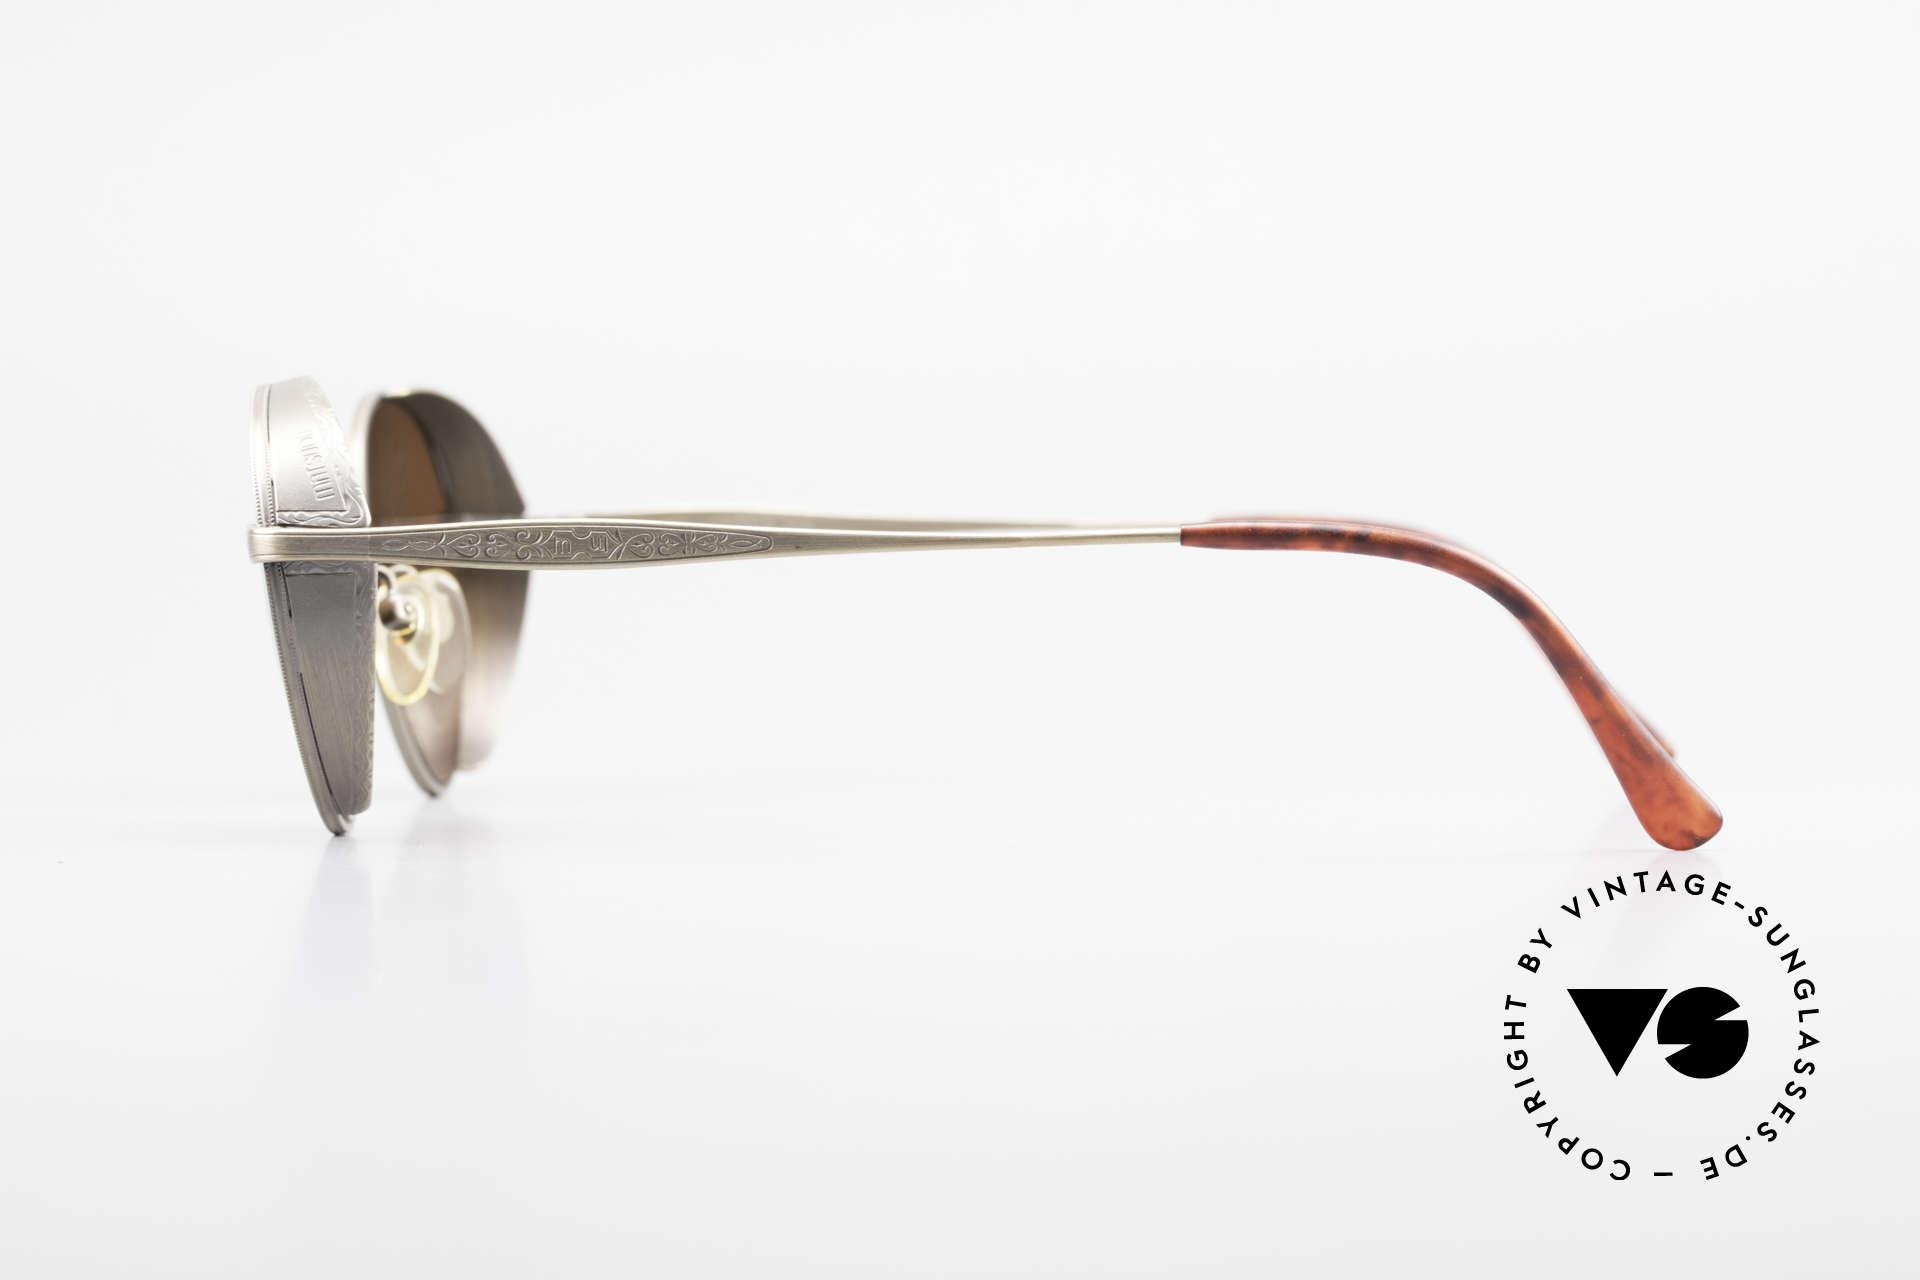 Matsuda 2829 Rare Vintage Steampunk Brille, sehr markante Seitenblenden an der Titanium-Fassung, Passend für Herren und Damen